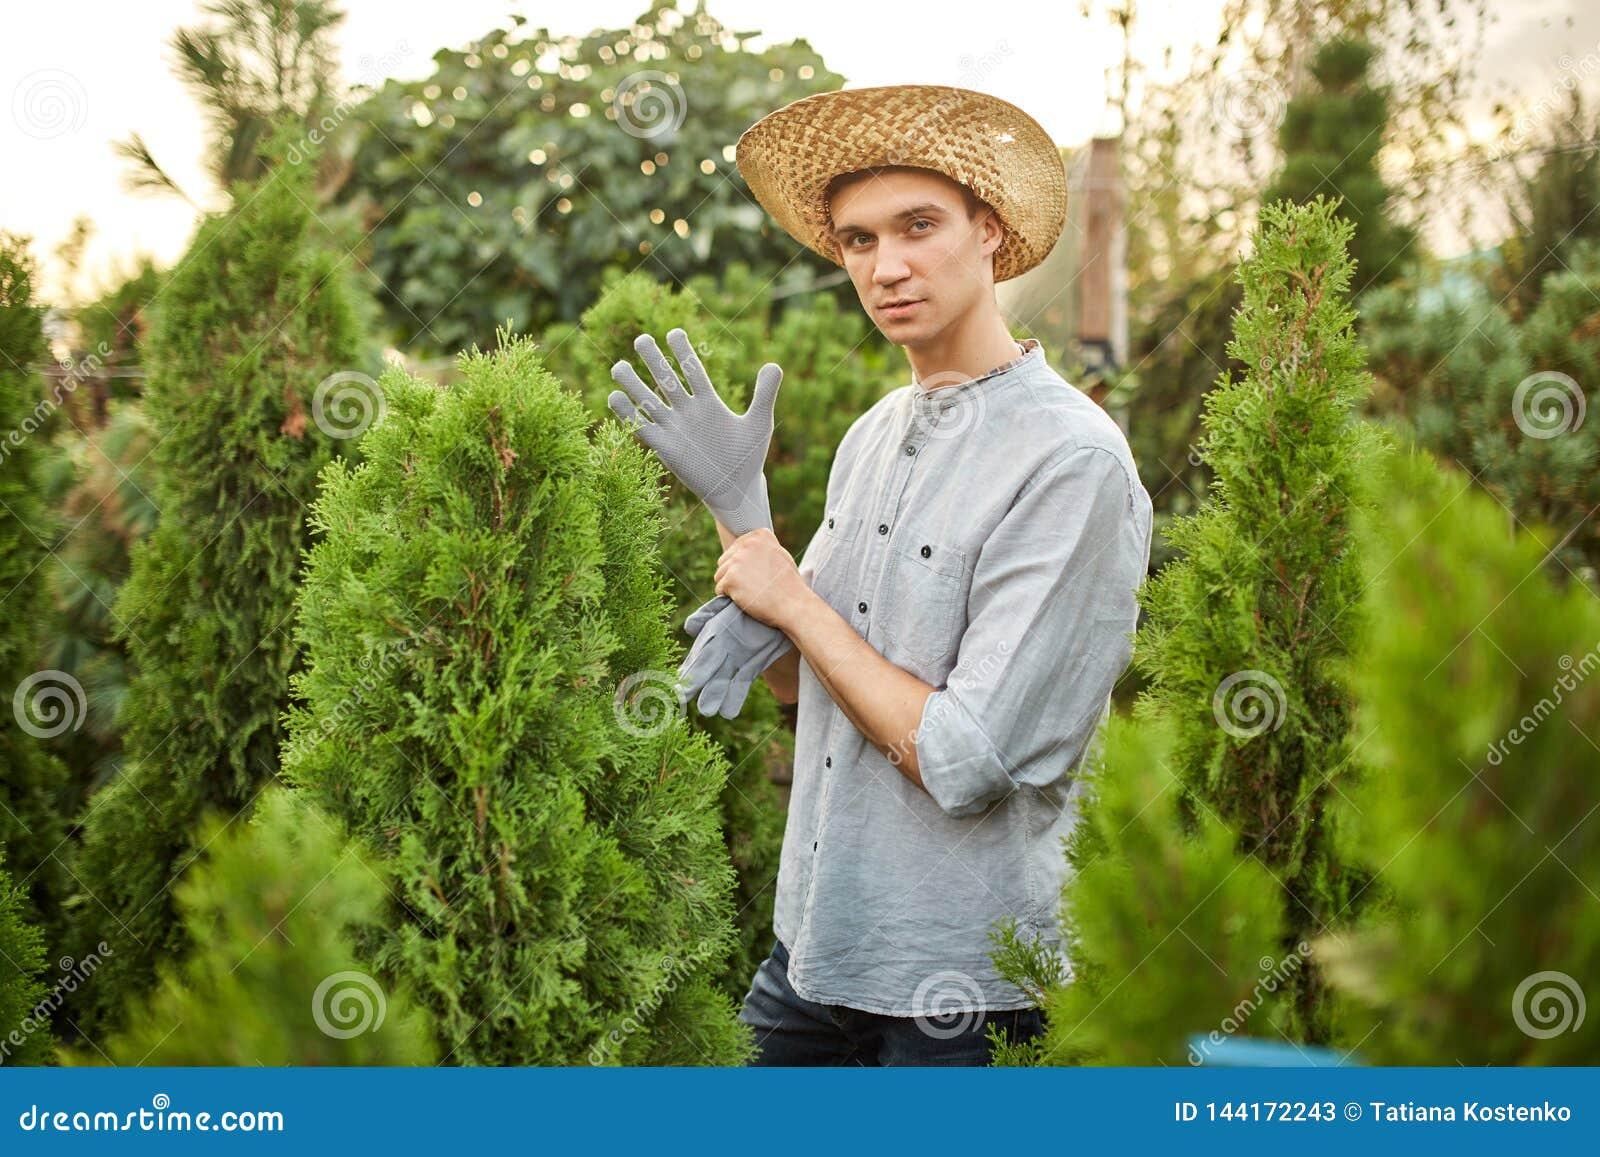 Садовник Гай в соломенной шляпе кладет перчатки сада на его руки в питомник-сад с много thujas на теплое солнечном